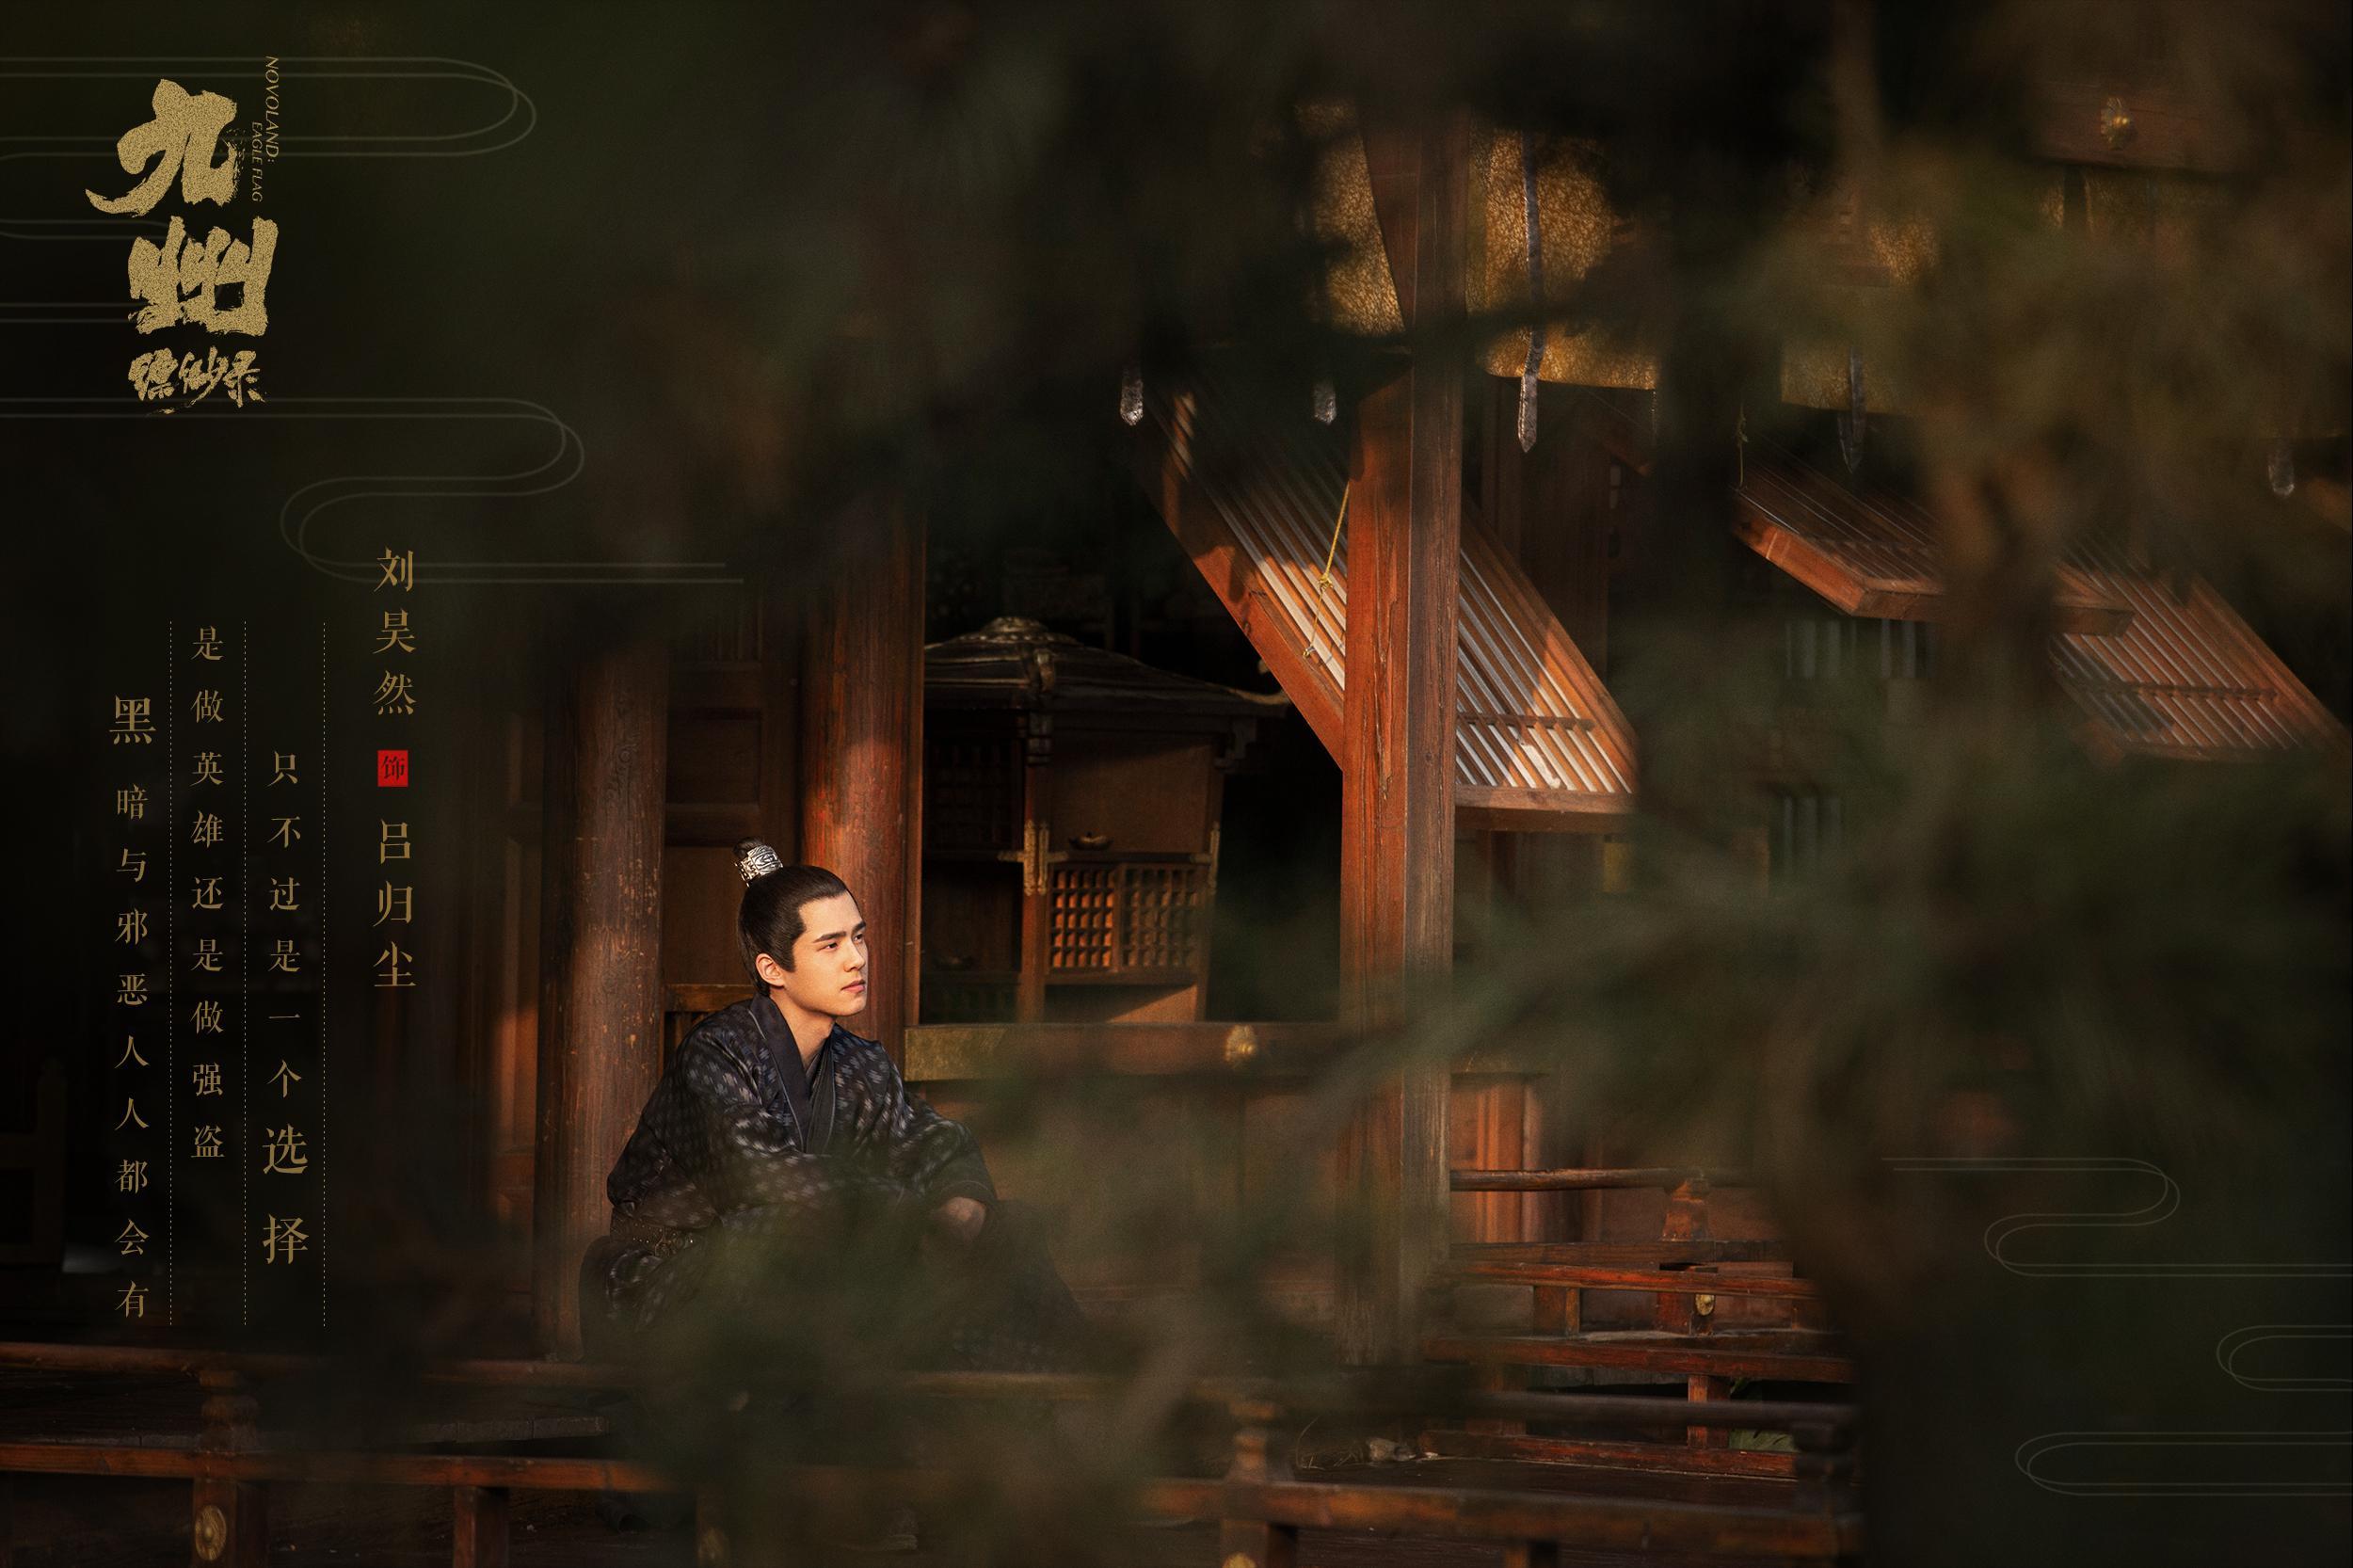 《九州缥缈录》刘昊然祖陵拔剑 高燃名场面今晚上演